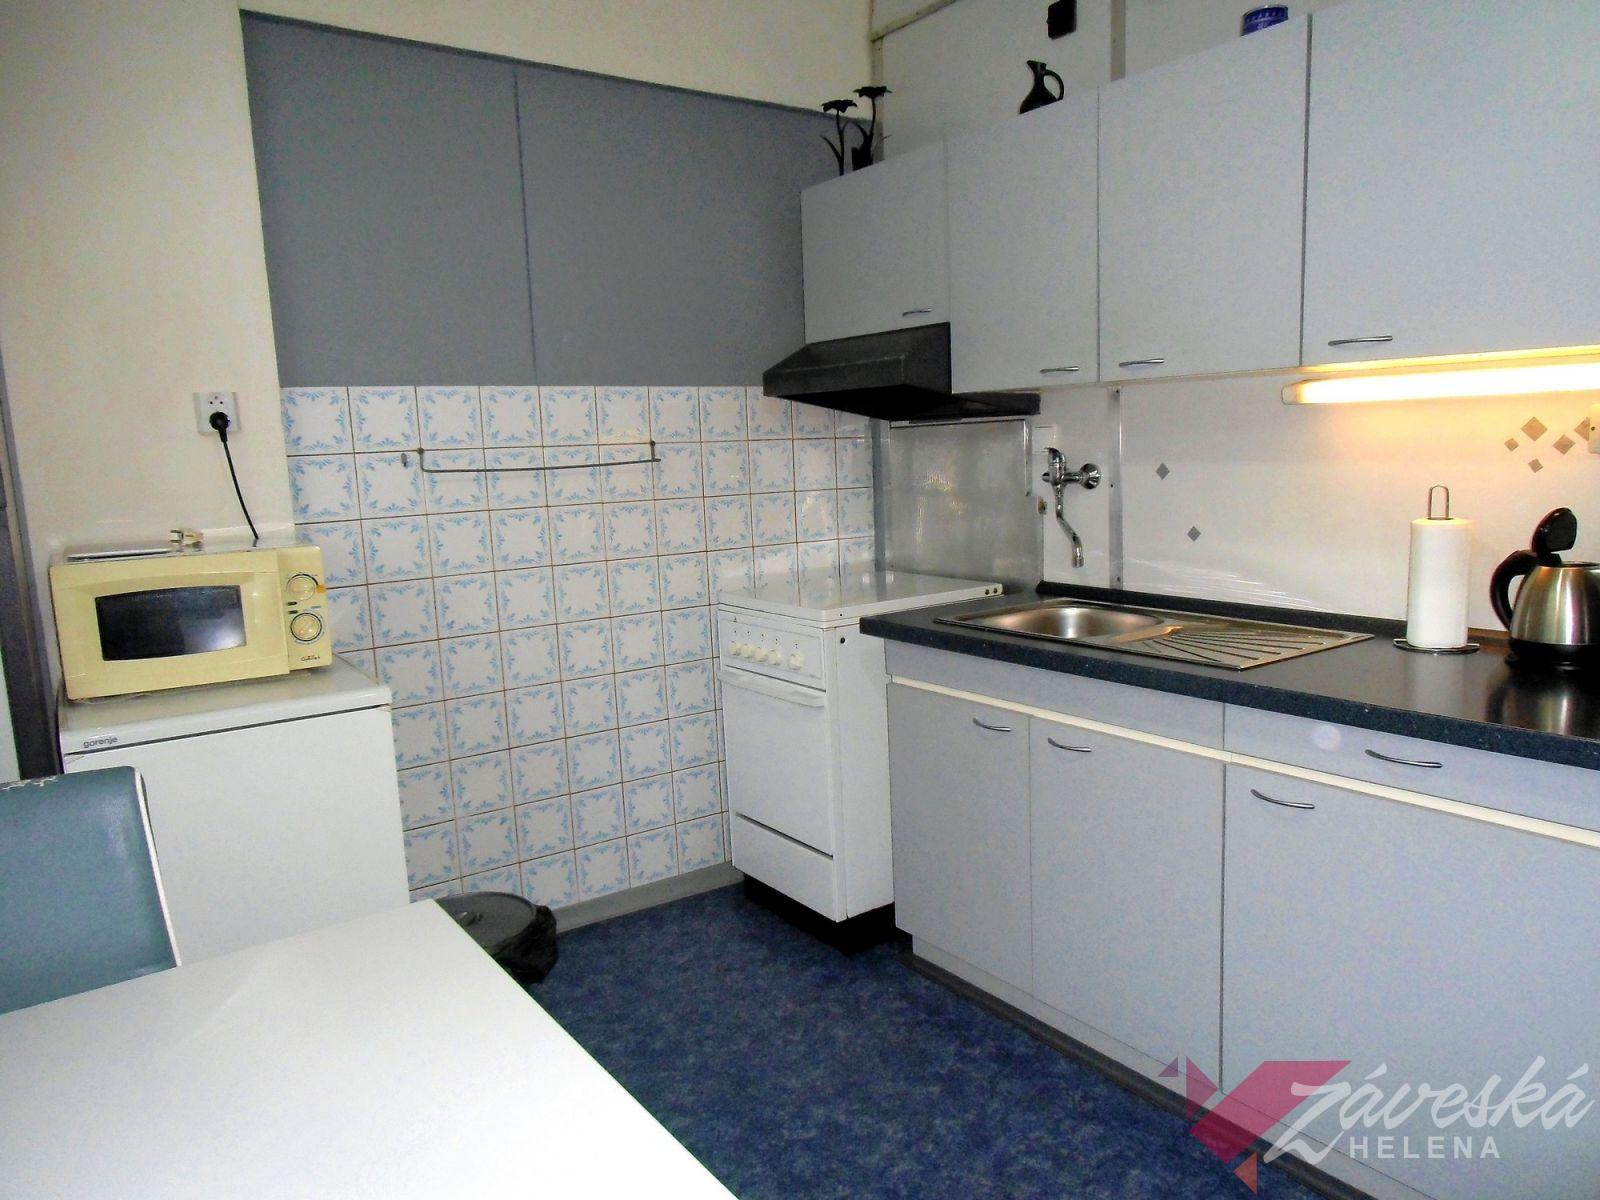 Prodej, byt, 2+1, 61,92 m2, Mladá Boleslav, U Stadionu